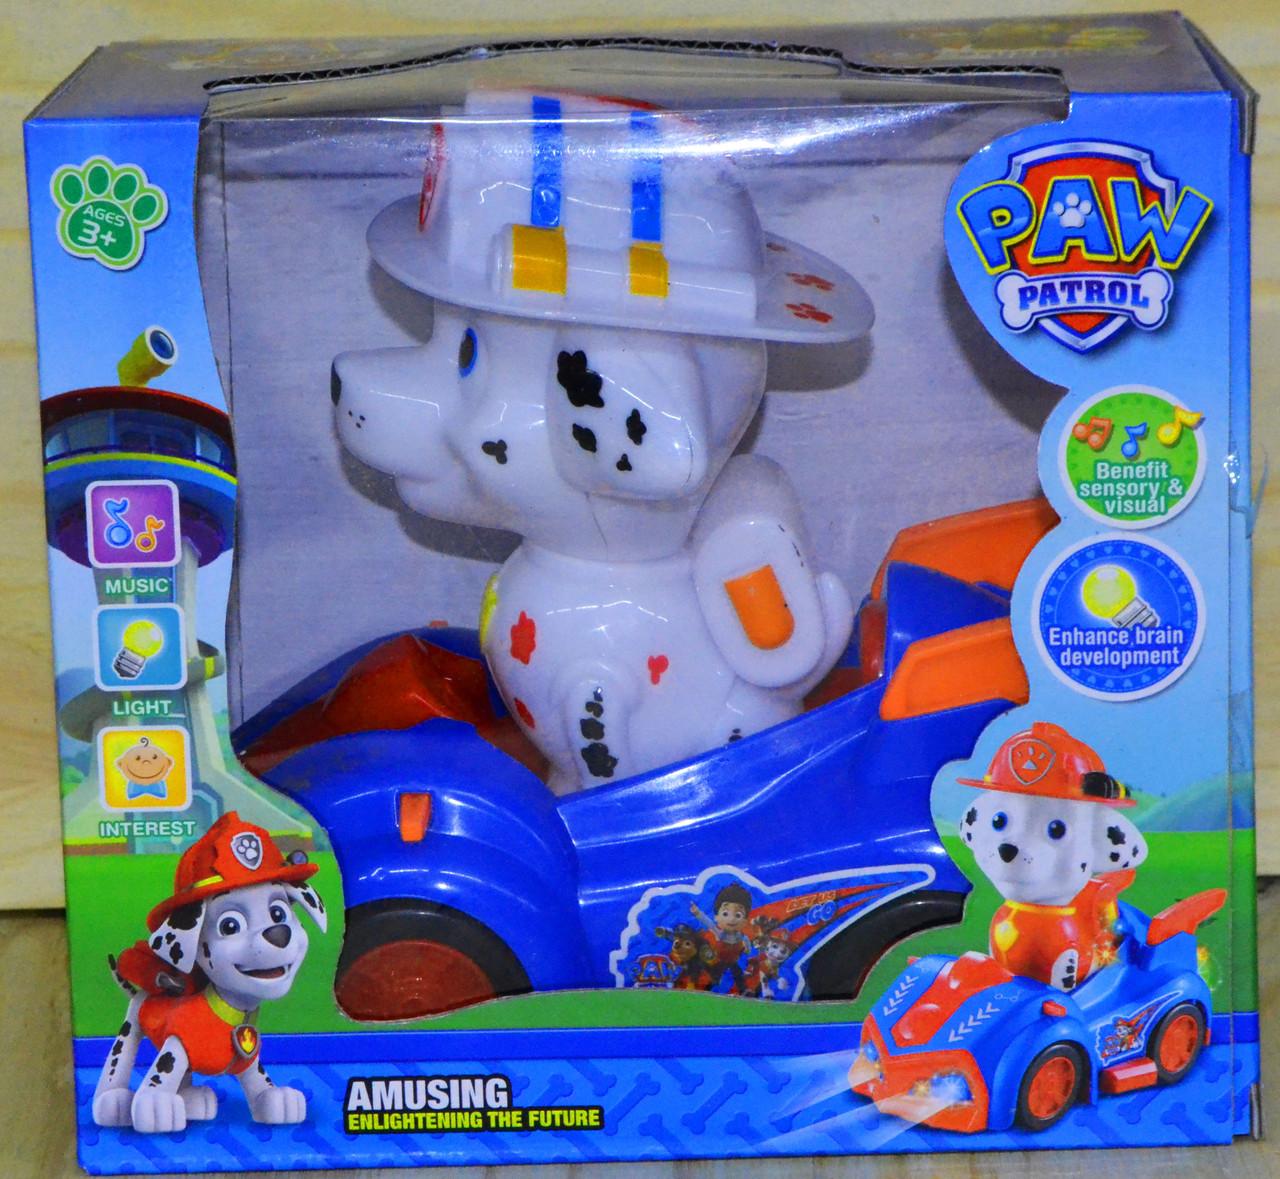 298-19 Paw patrol Щенячий патруль герой на машине,музыкальная,ездит на батарейках,звук,свет, 18*17см